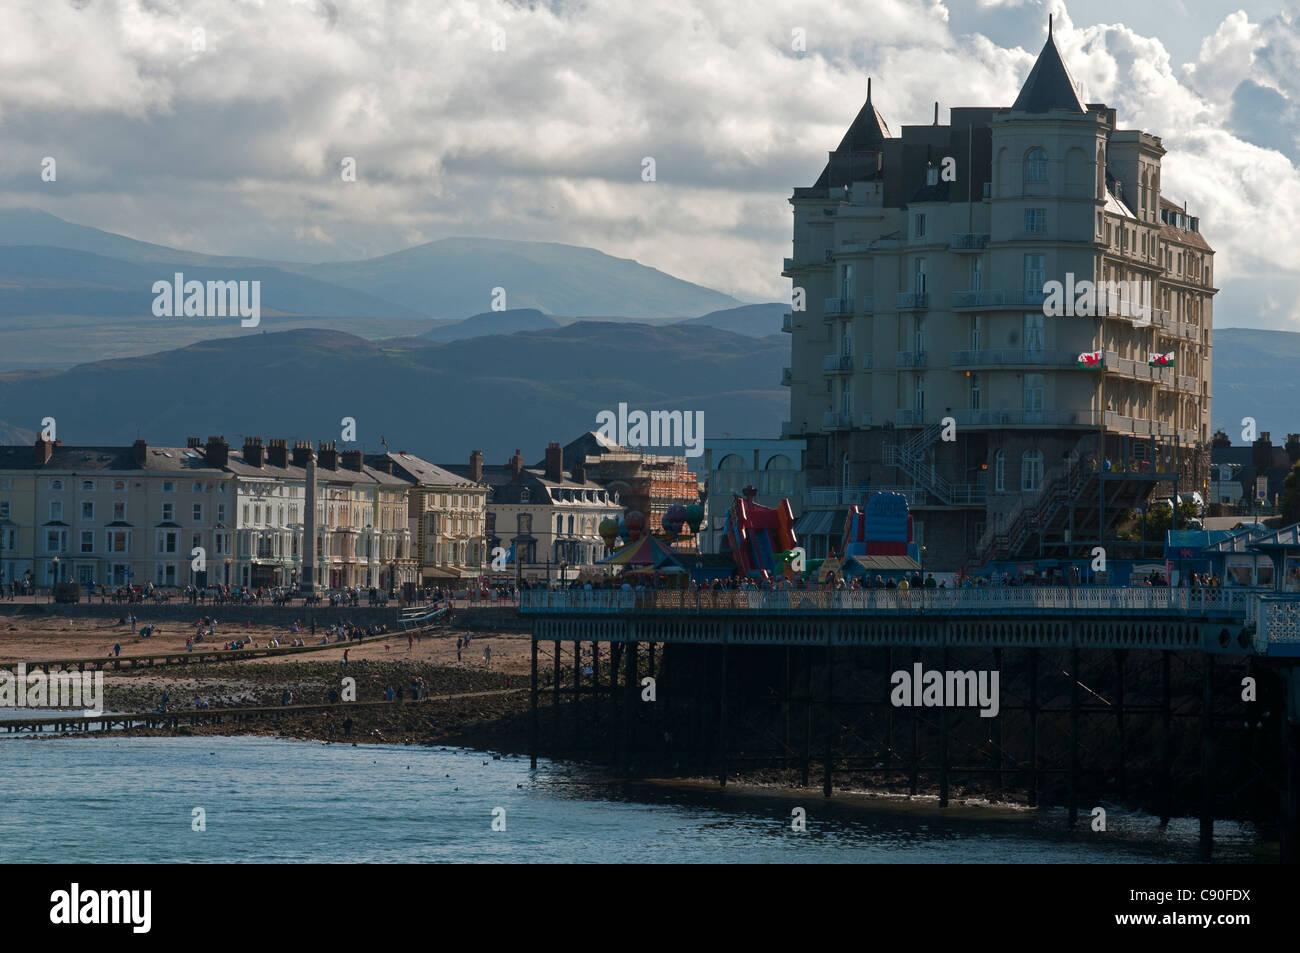 The seaside resort of Llandudno, Wales, UK - Stock Image